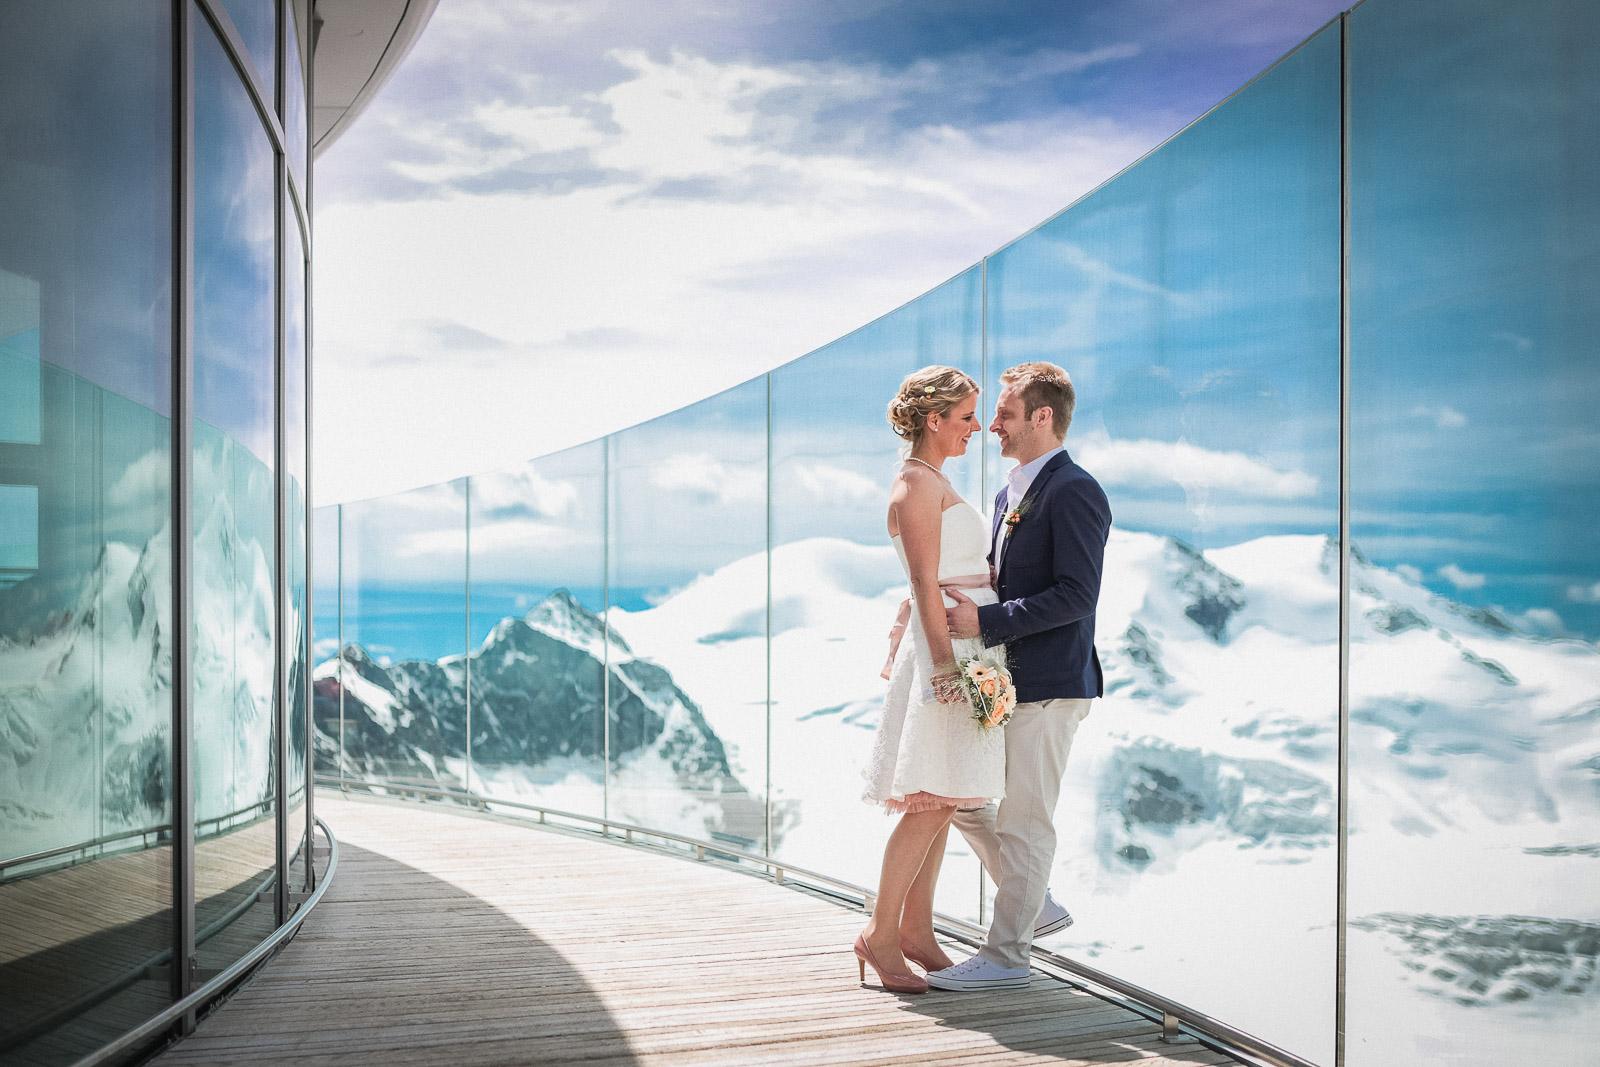 Intimate Wedding - Heiraten am Pitztaler Gletscher